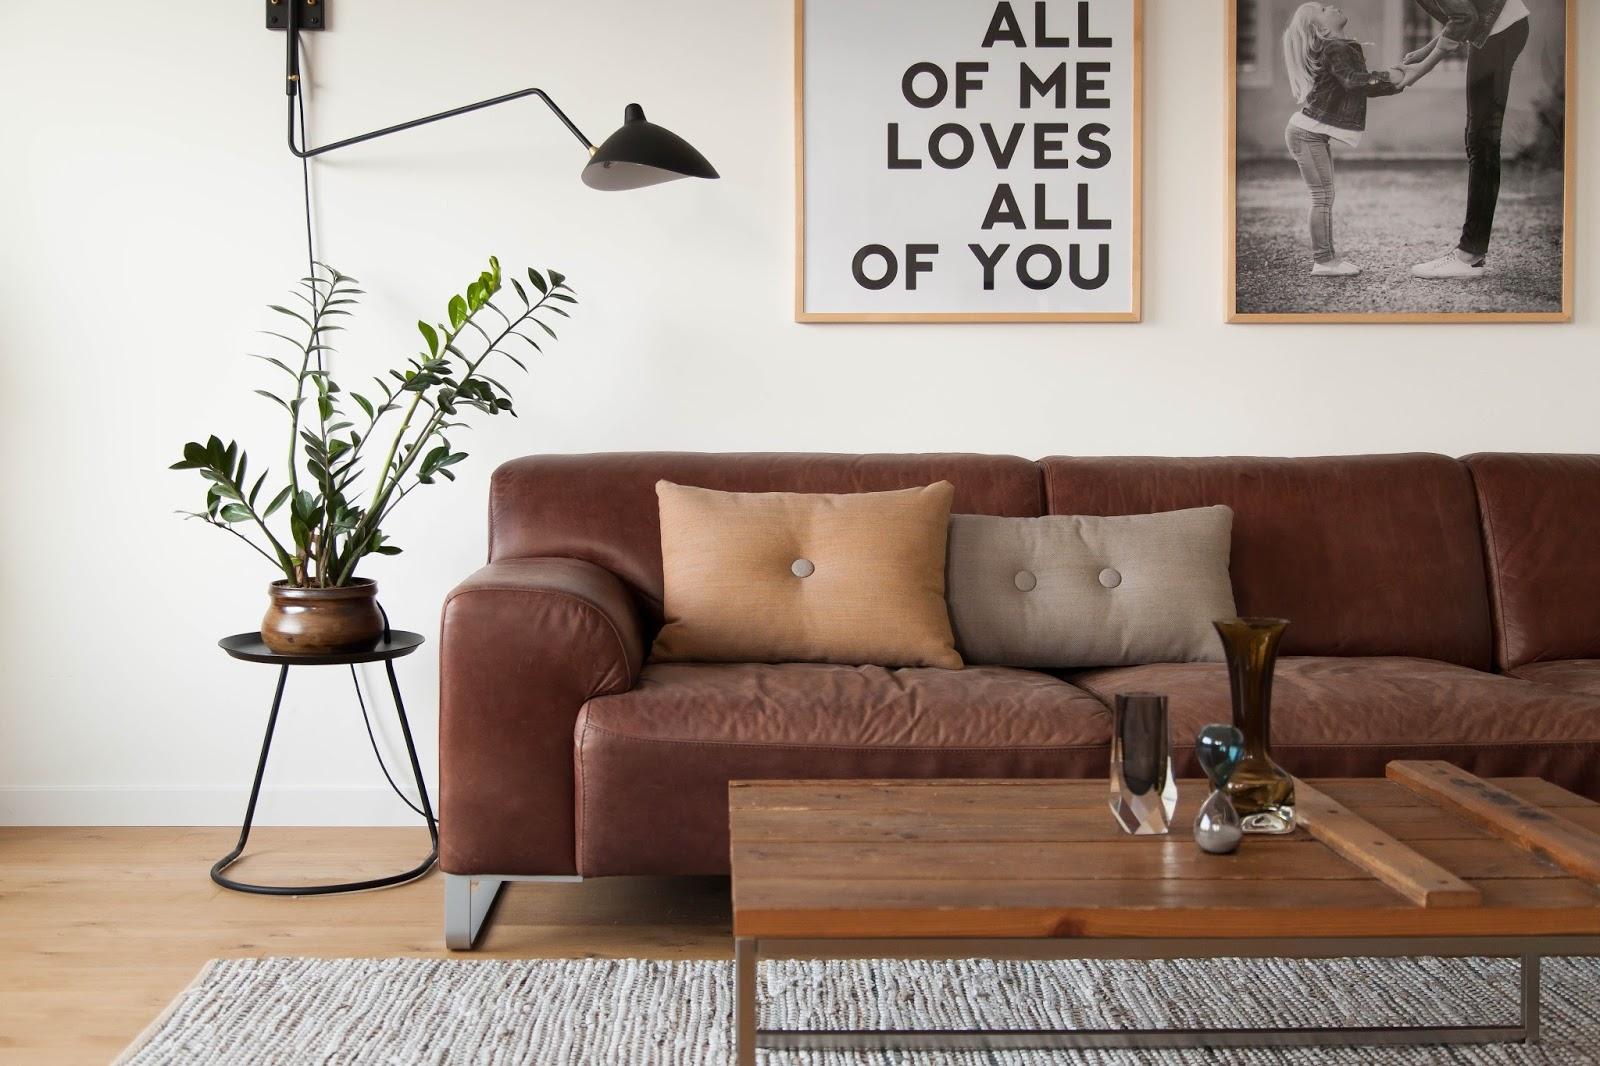 Inspirierend Bilder Fürs Wohnzimmer Beste Wahl Dot Cushion Hay W Schillig